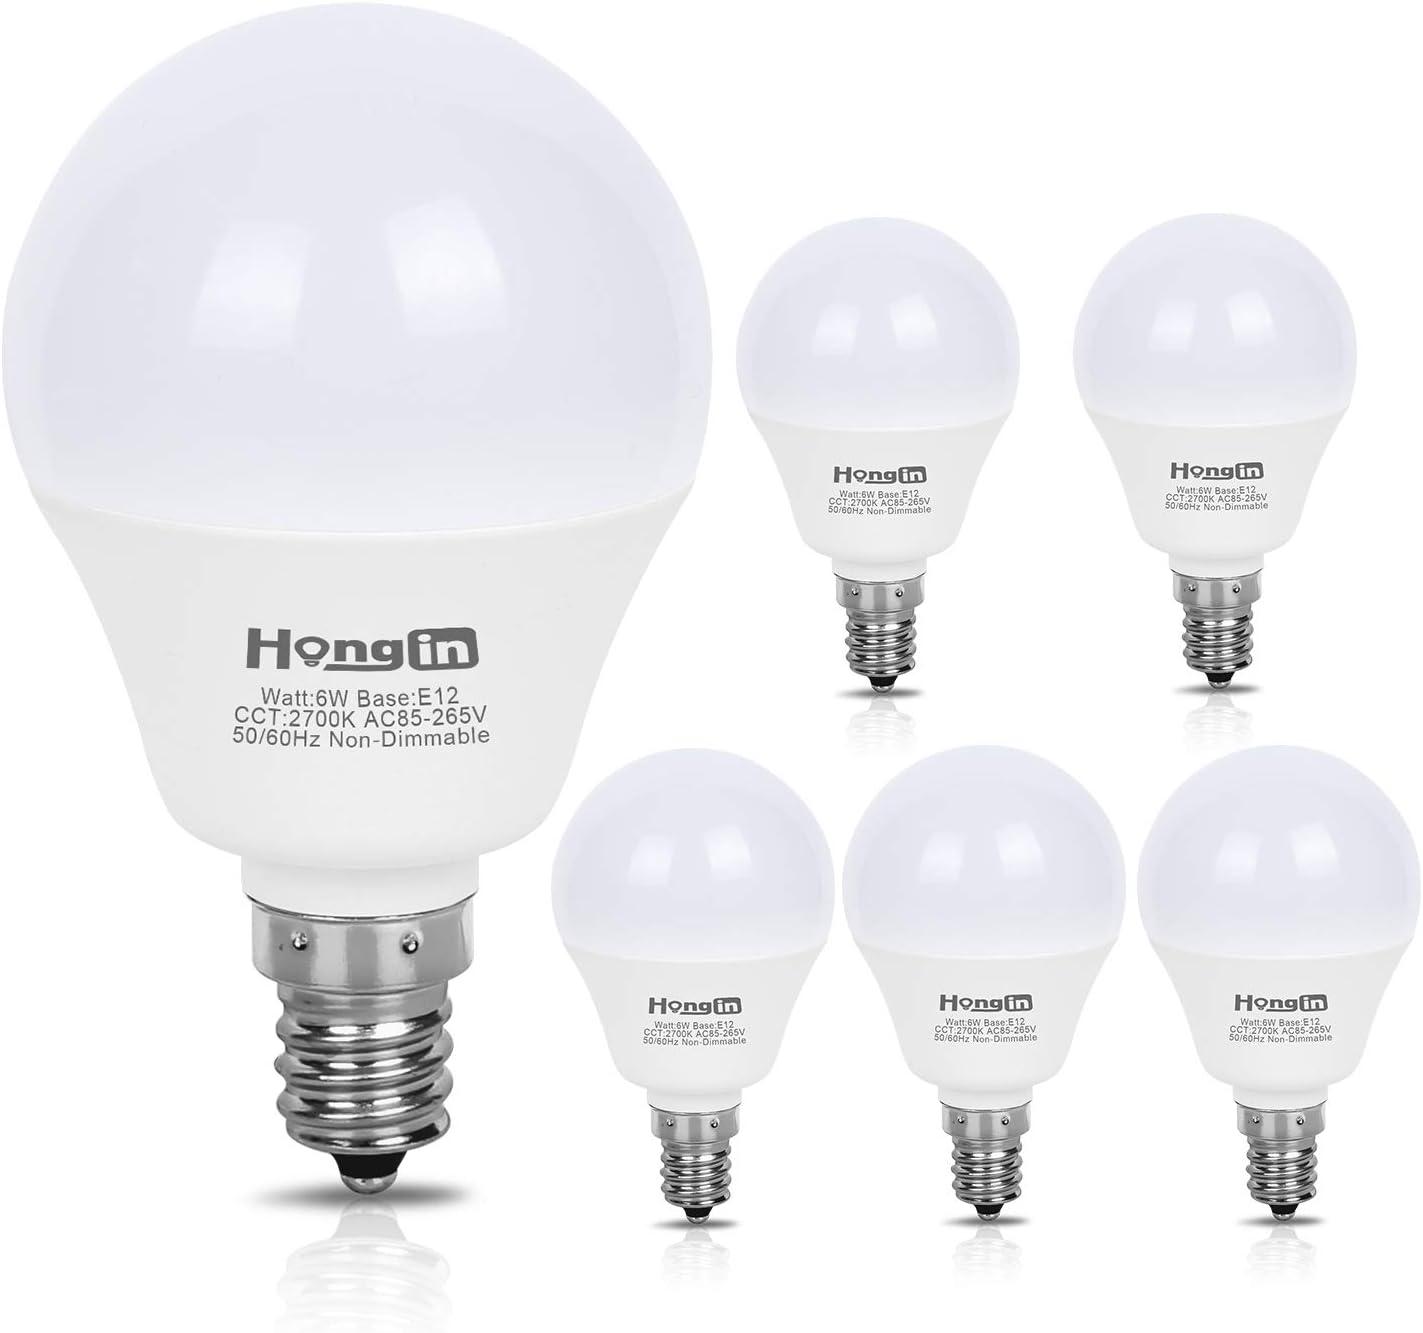 E12 LED Bulb Candelabra LED Bulbs Daylight White 5000K Ceiling Fan Light Chandelier Base Non Dimmable Equivalent 60Watt Candelabras 6W 550Lumens